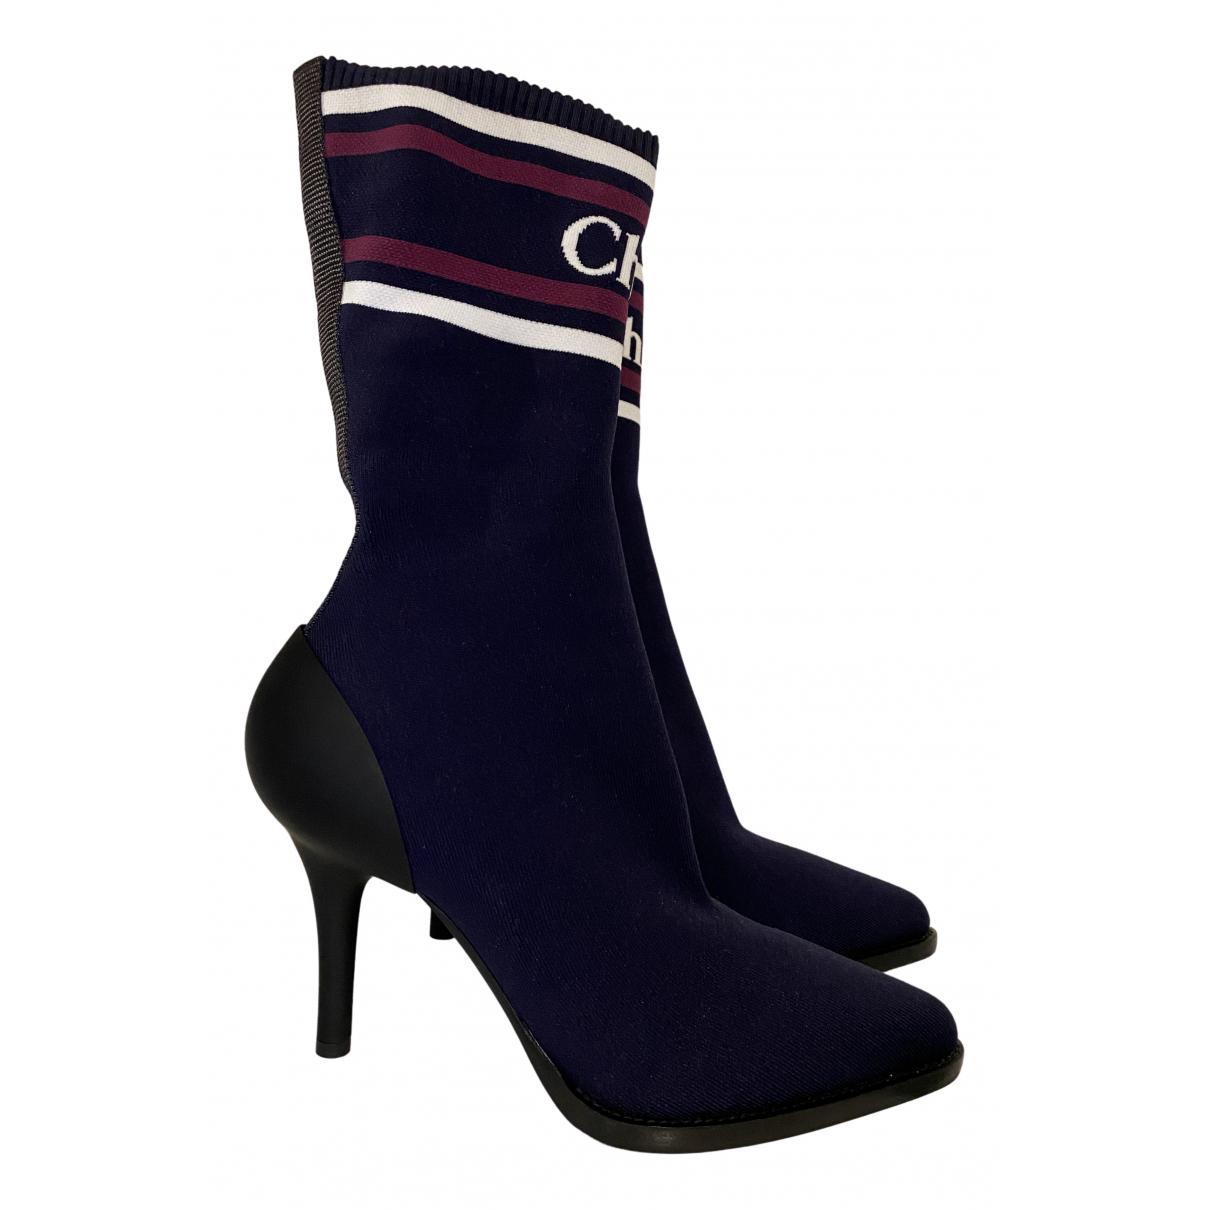 Chloe - Boots   pour femme en toile - bleu